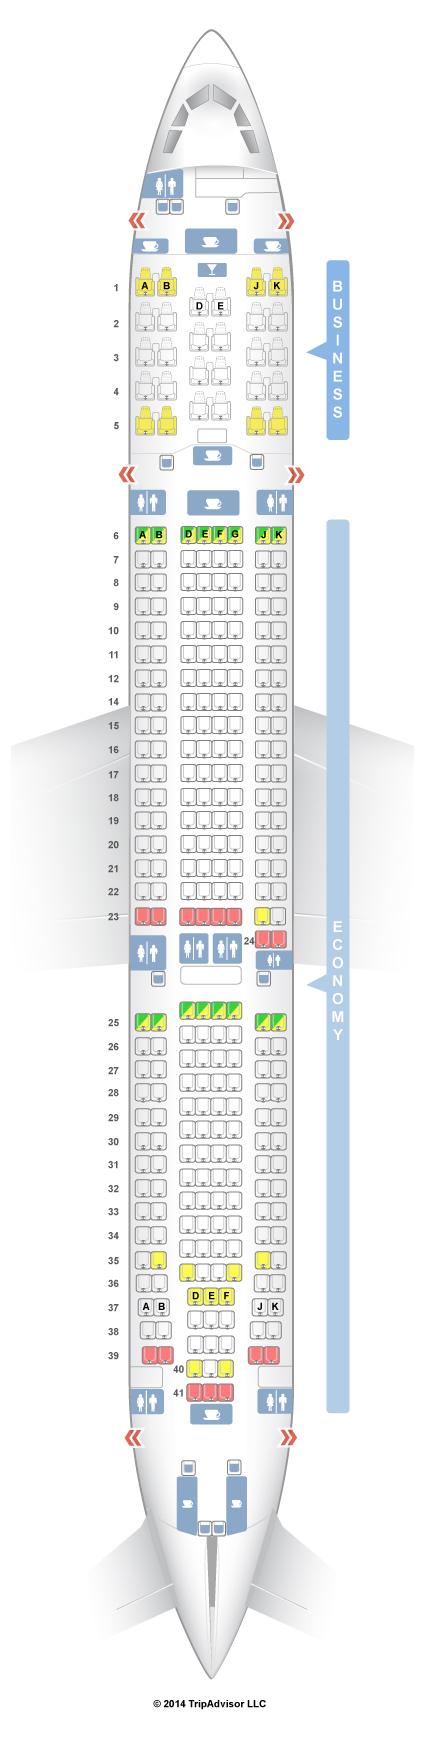 TK_A330-300